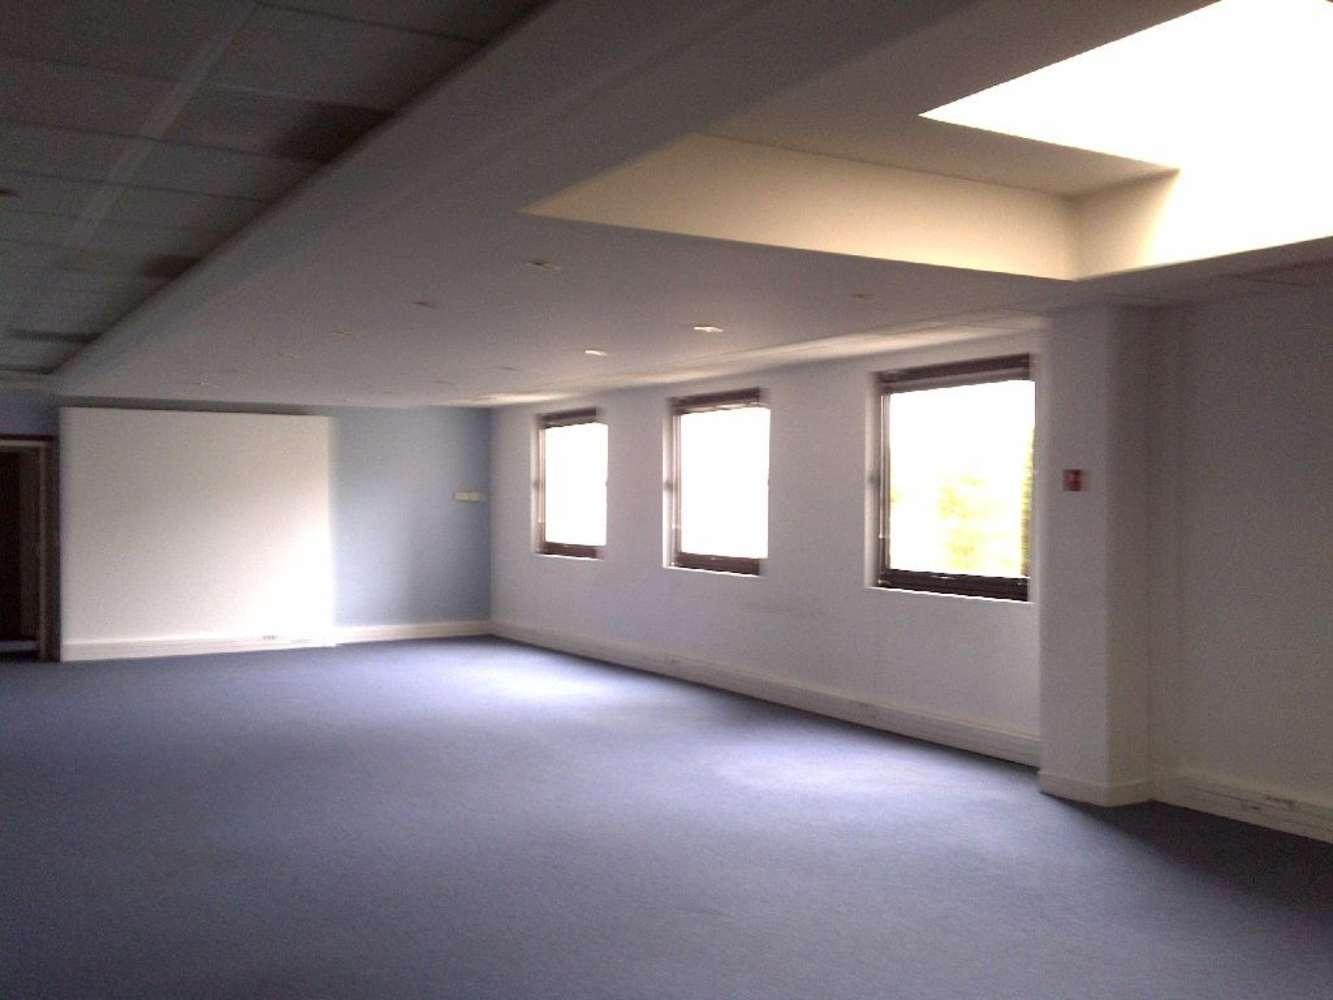 Activités/entrepôt Osny, 95520 - PARC D'OSNY - 9445408